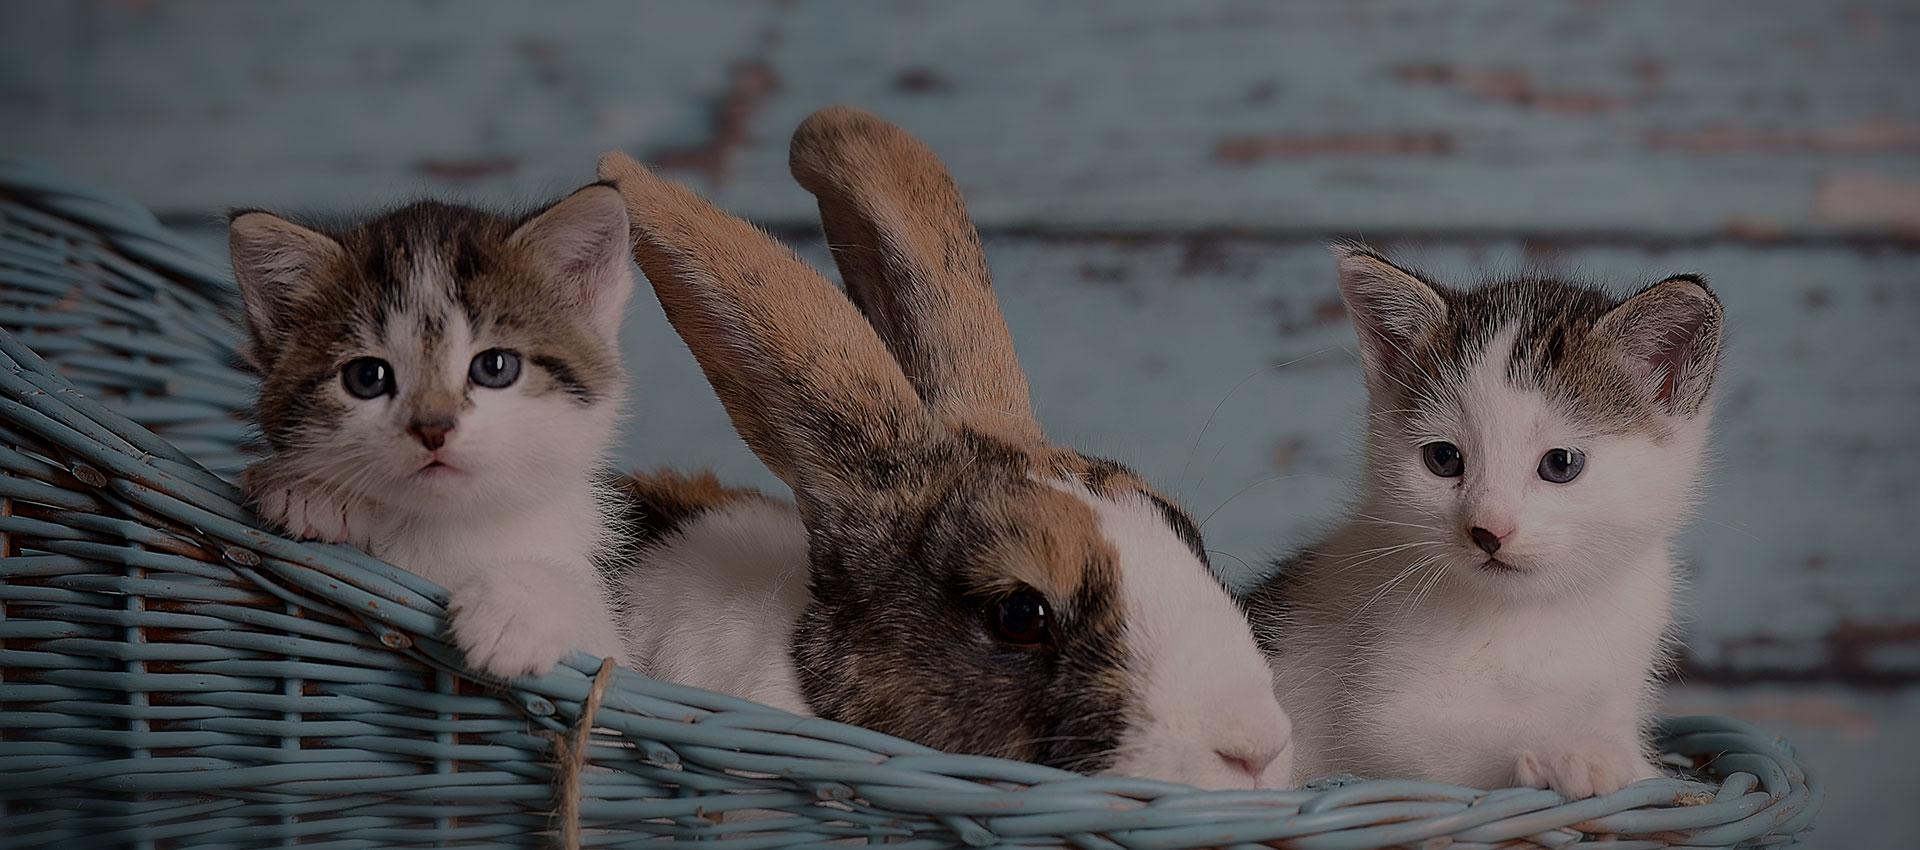 chat et autres annimaux